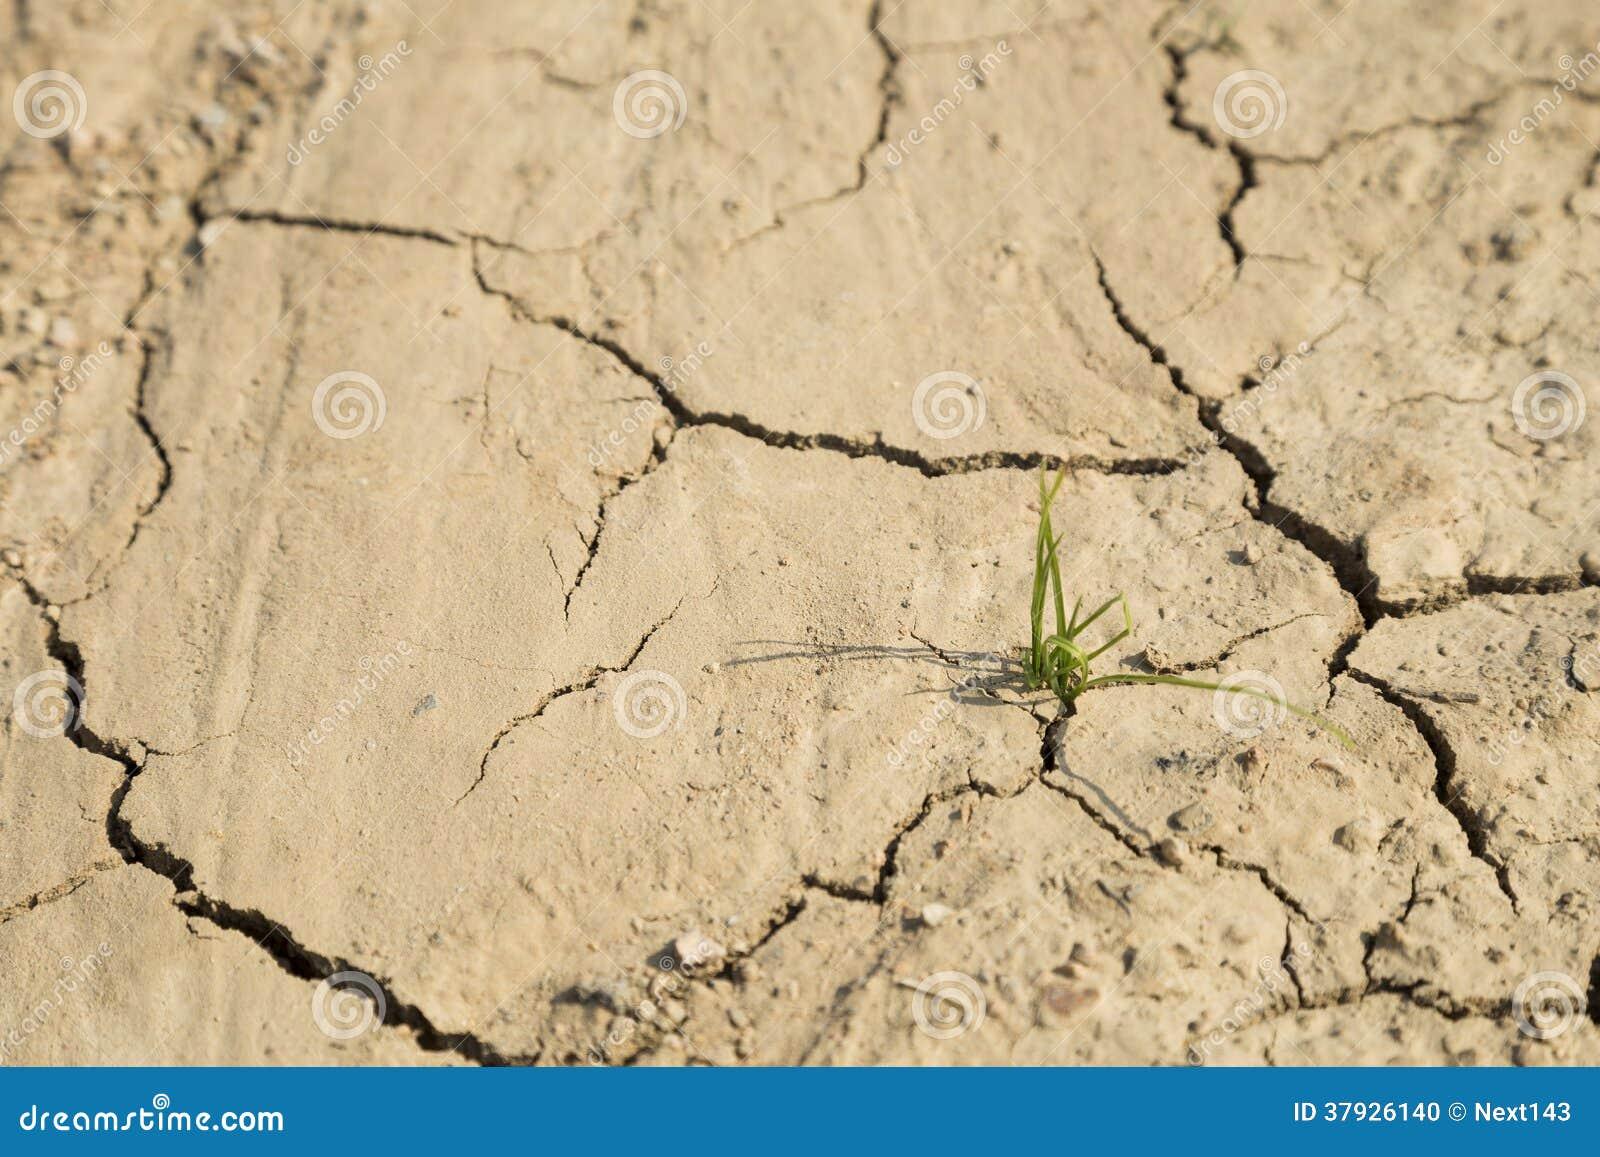 Рост зеленой травы на засушливой области